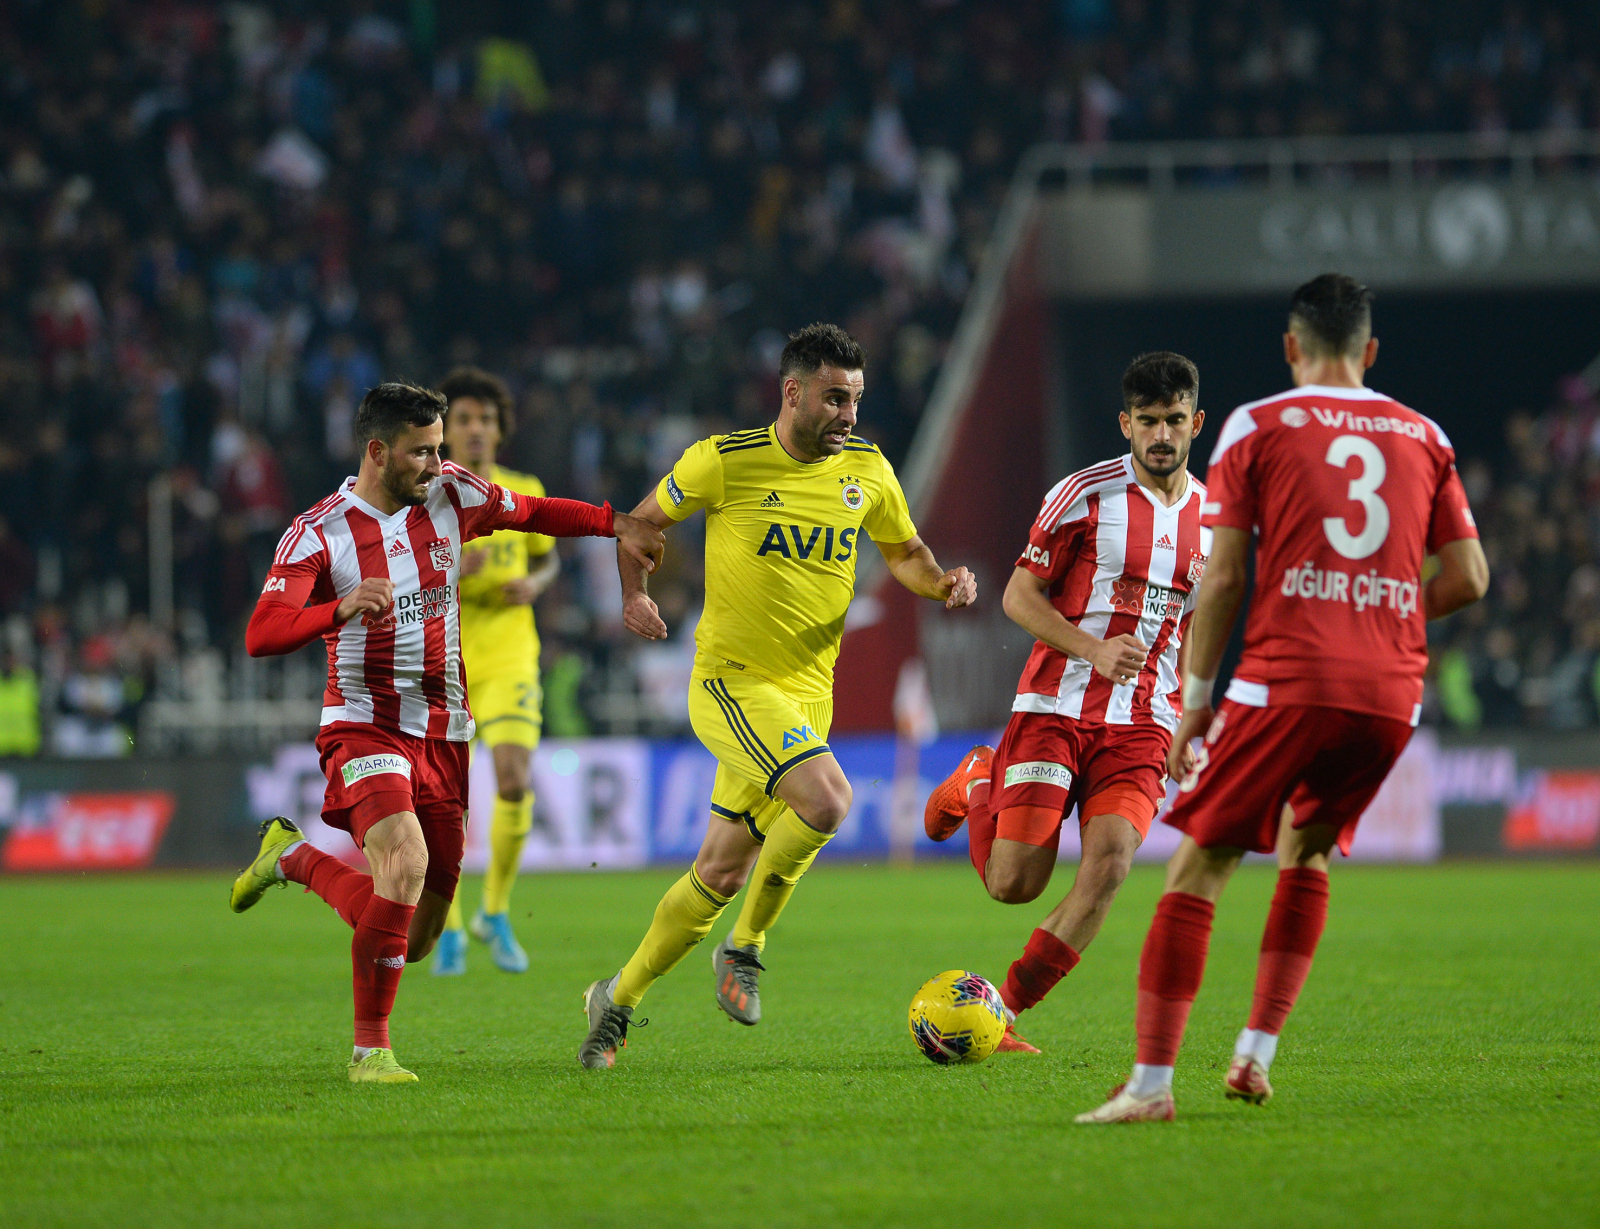 «Сивасспор» - «Малатьяспор» - прогноз на матч турецкой Суперлиги